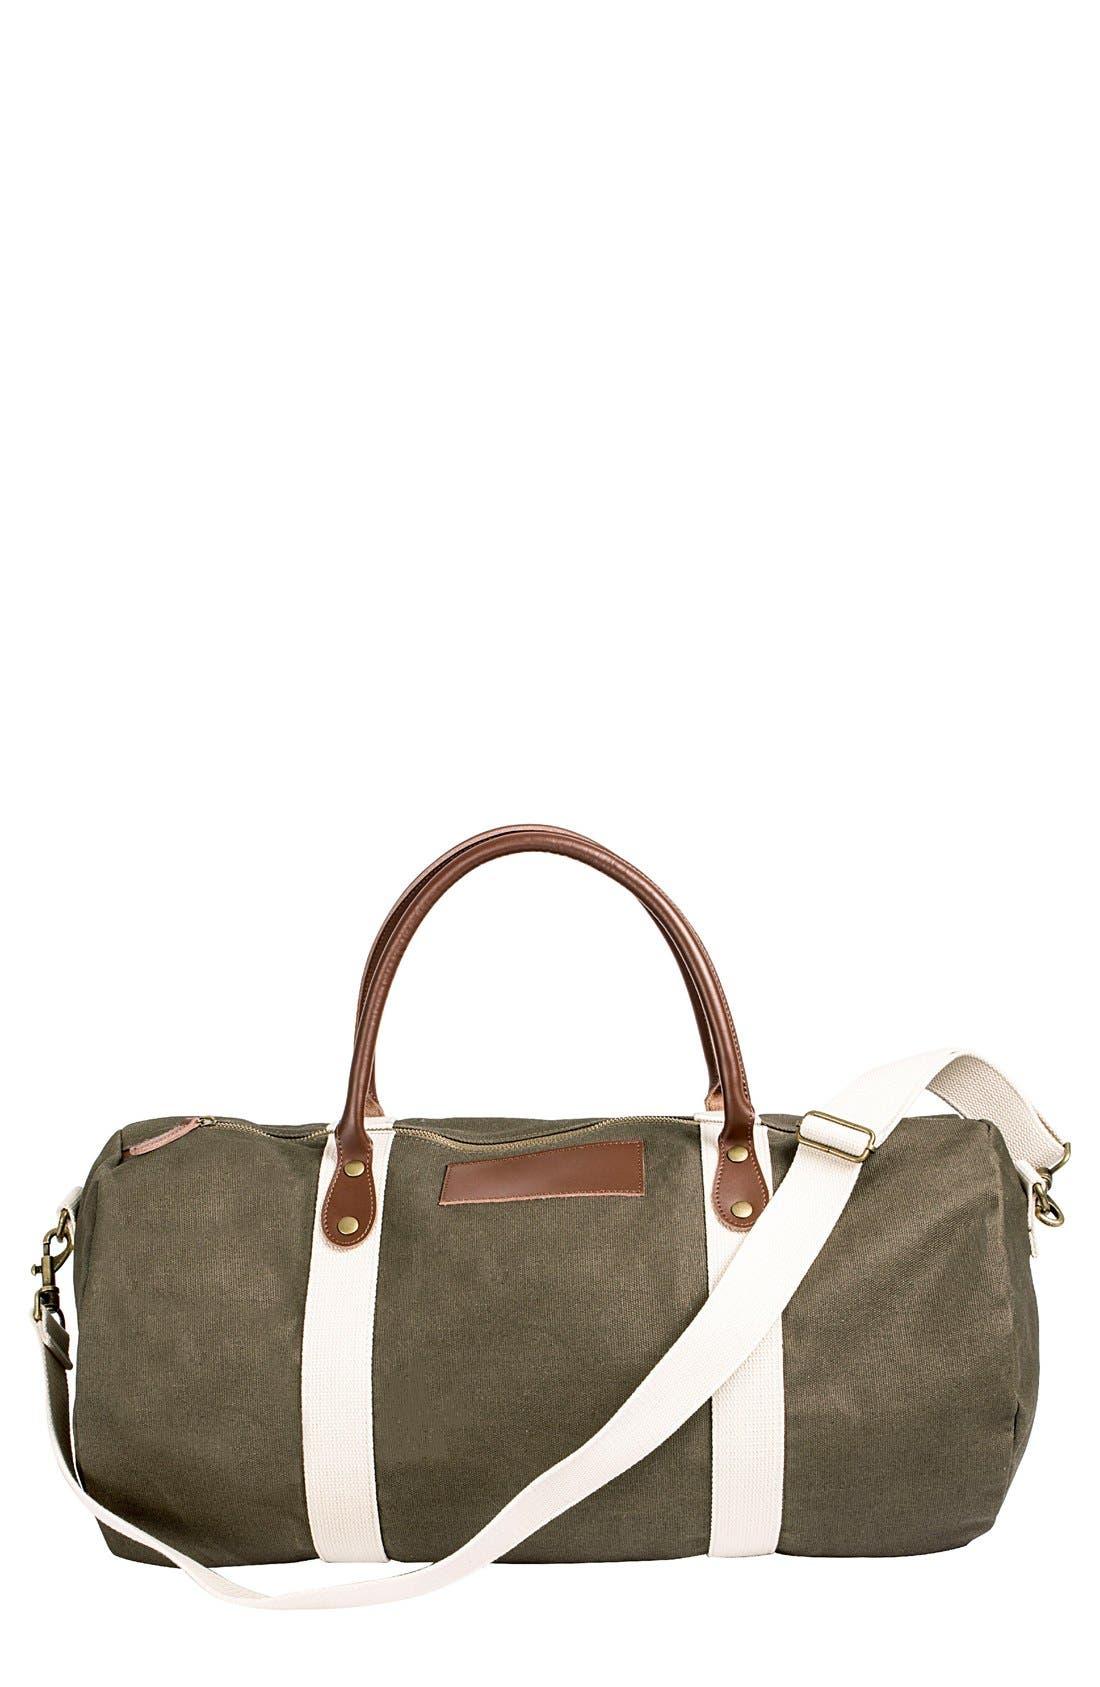 Monogram Duffel Bag,                             Main thumbnail 1, color,                             GREEN